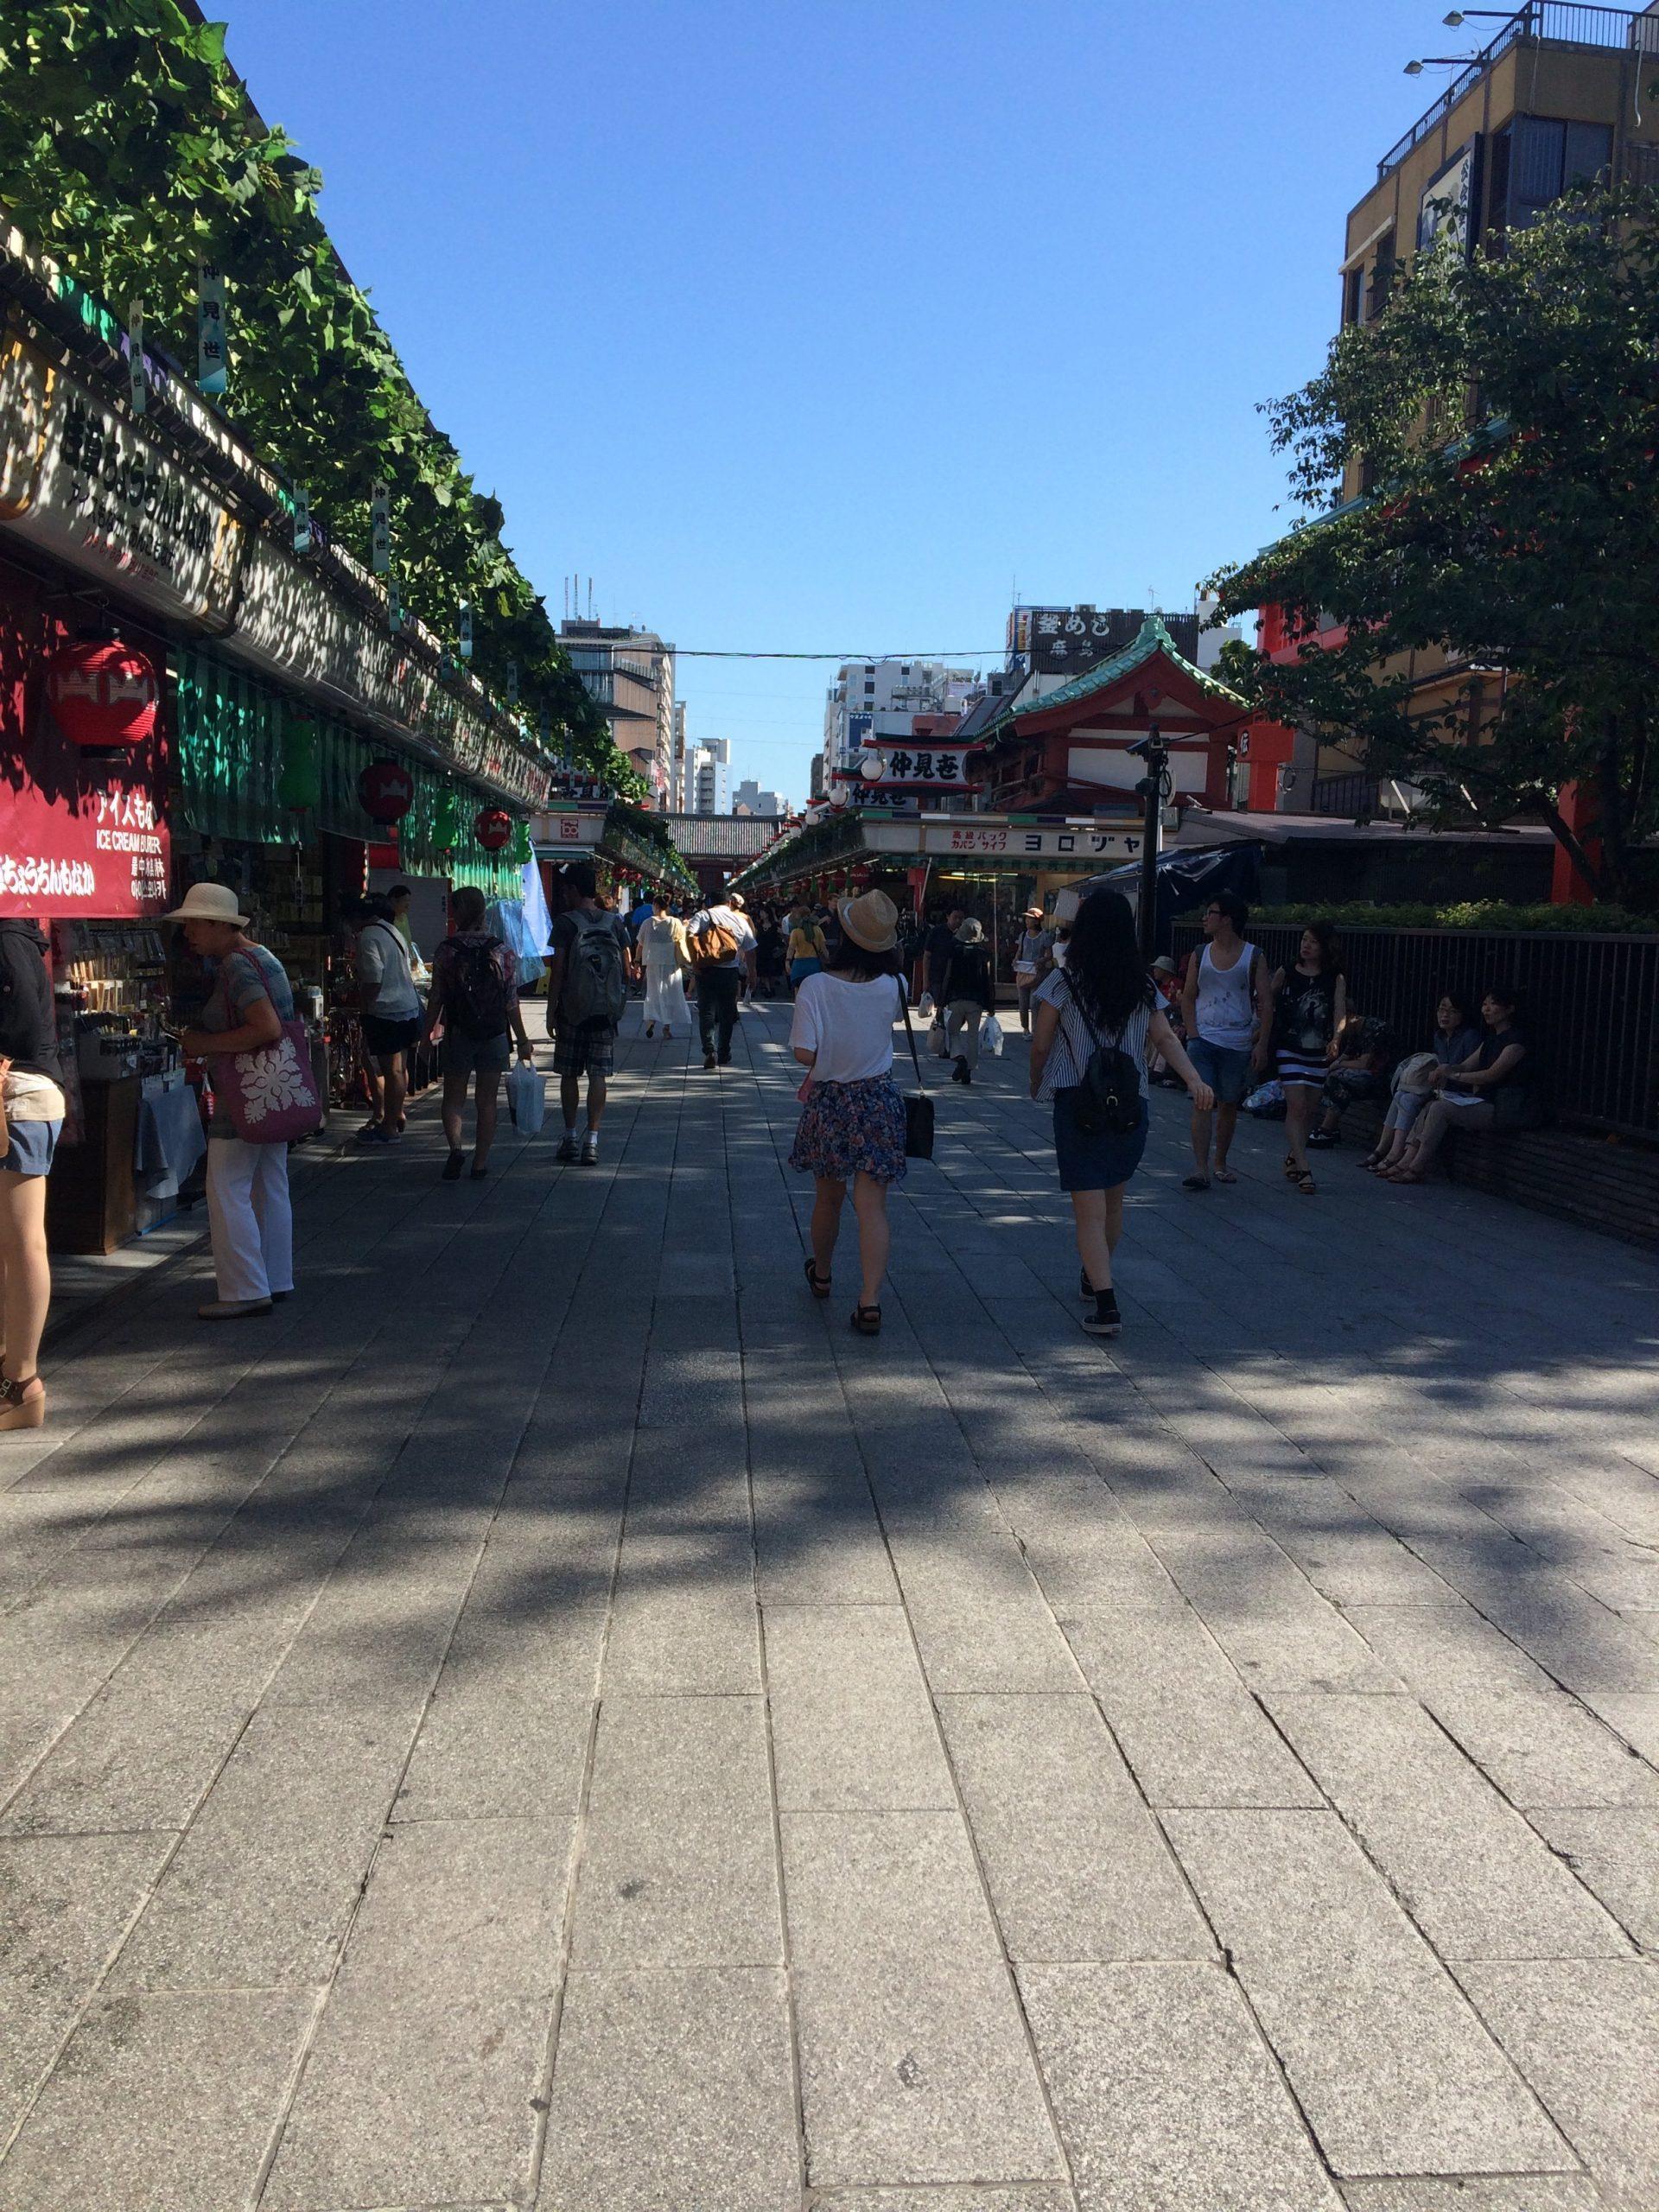 souvenir shops around senso-ji temple